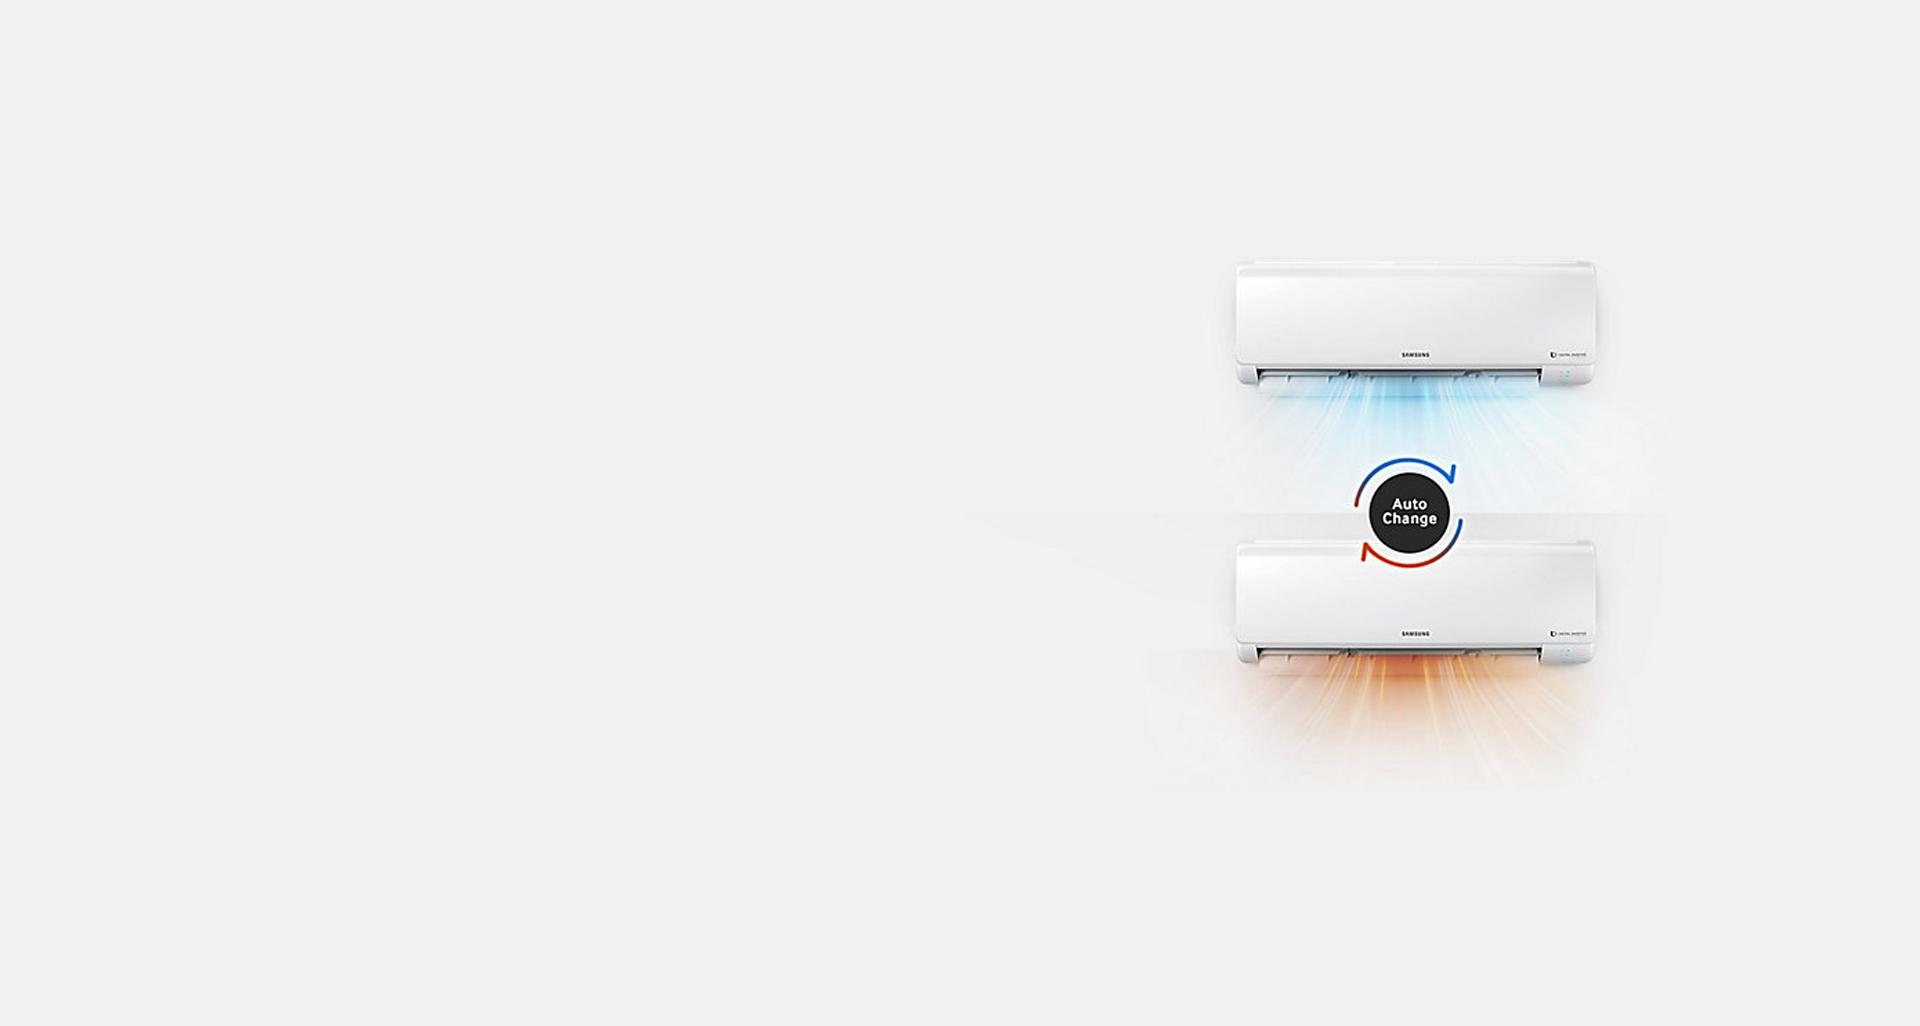 کنترل درجه حرارت اتوماتیک کولر گازی سامسونگ Tropical